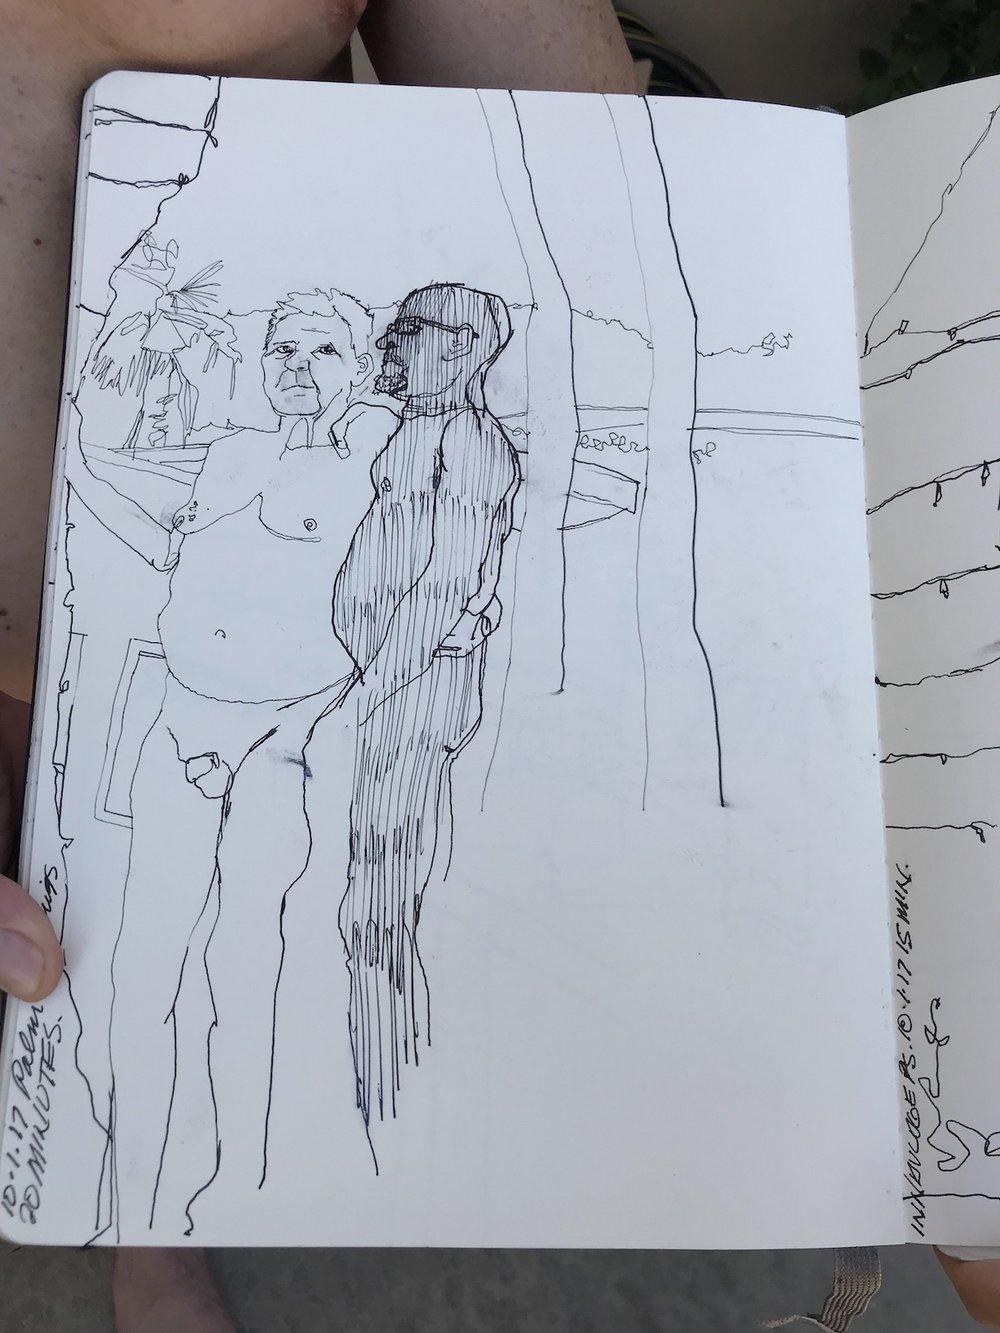 Naked drawing 2017 IMG_0917.jpg